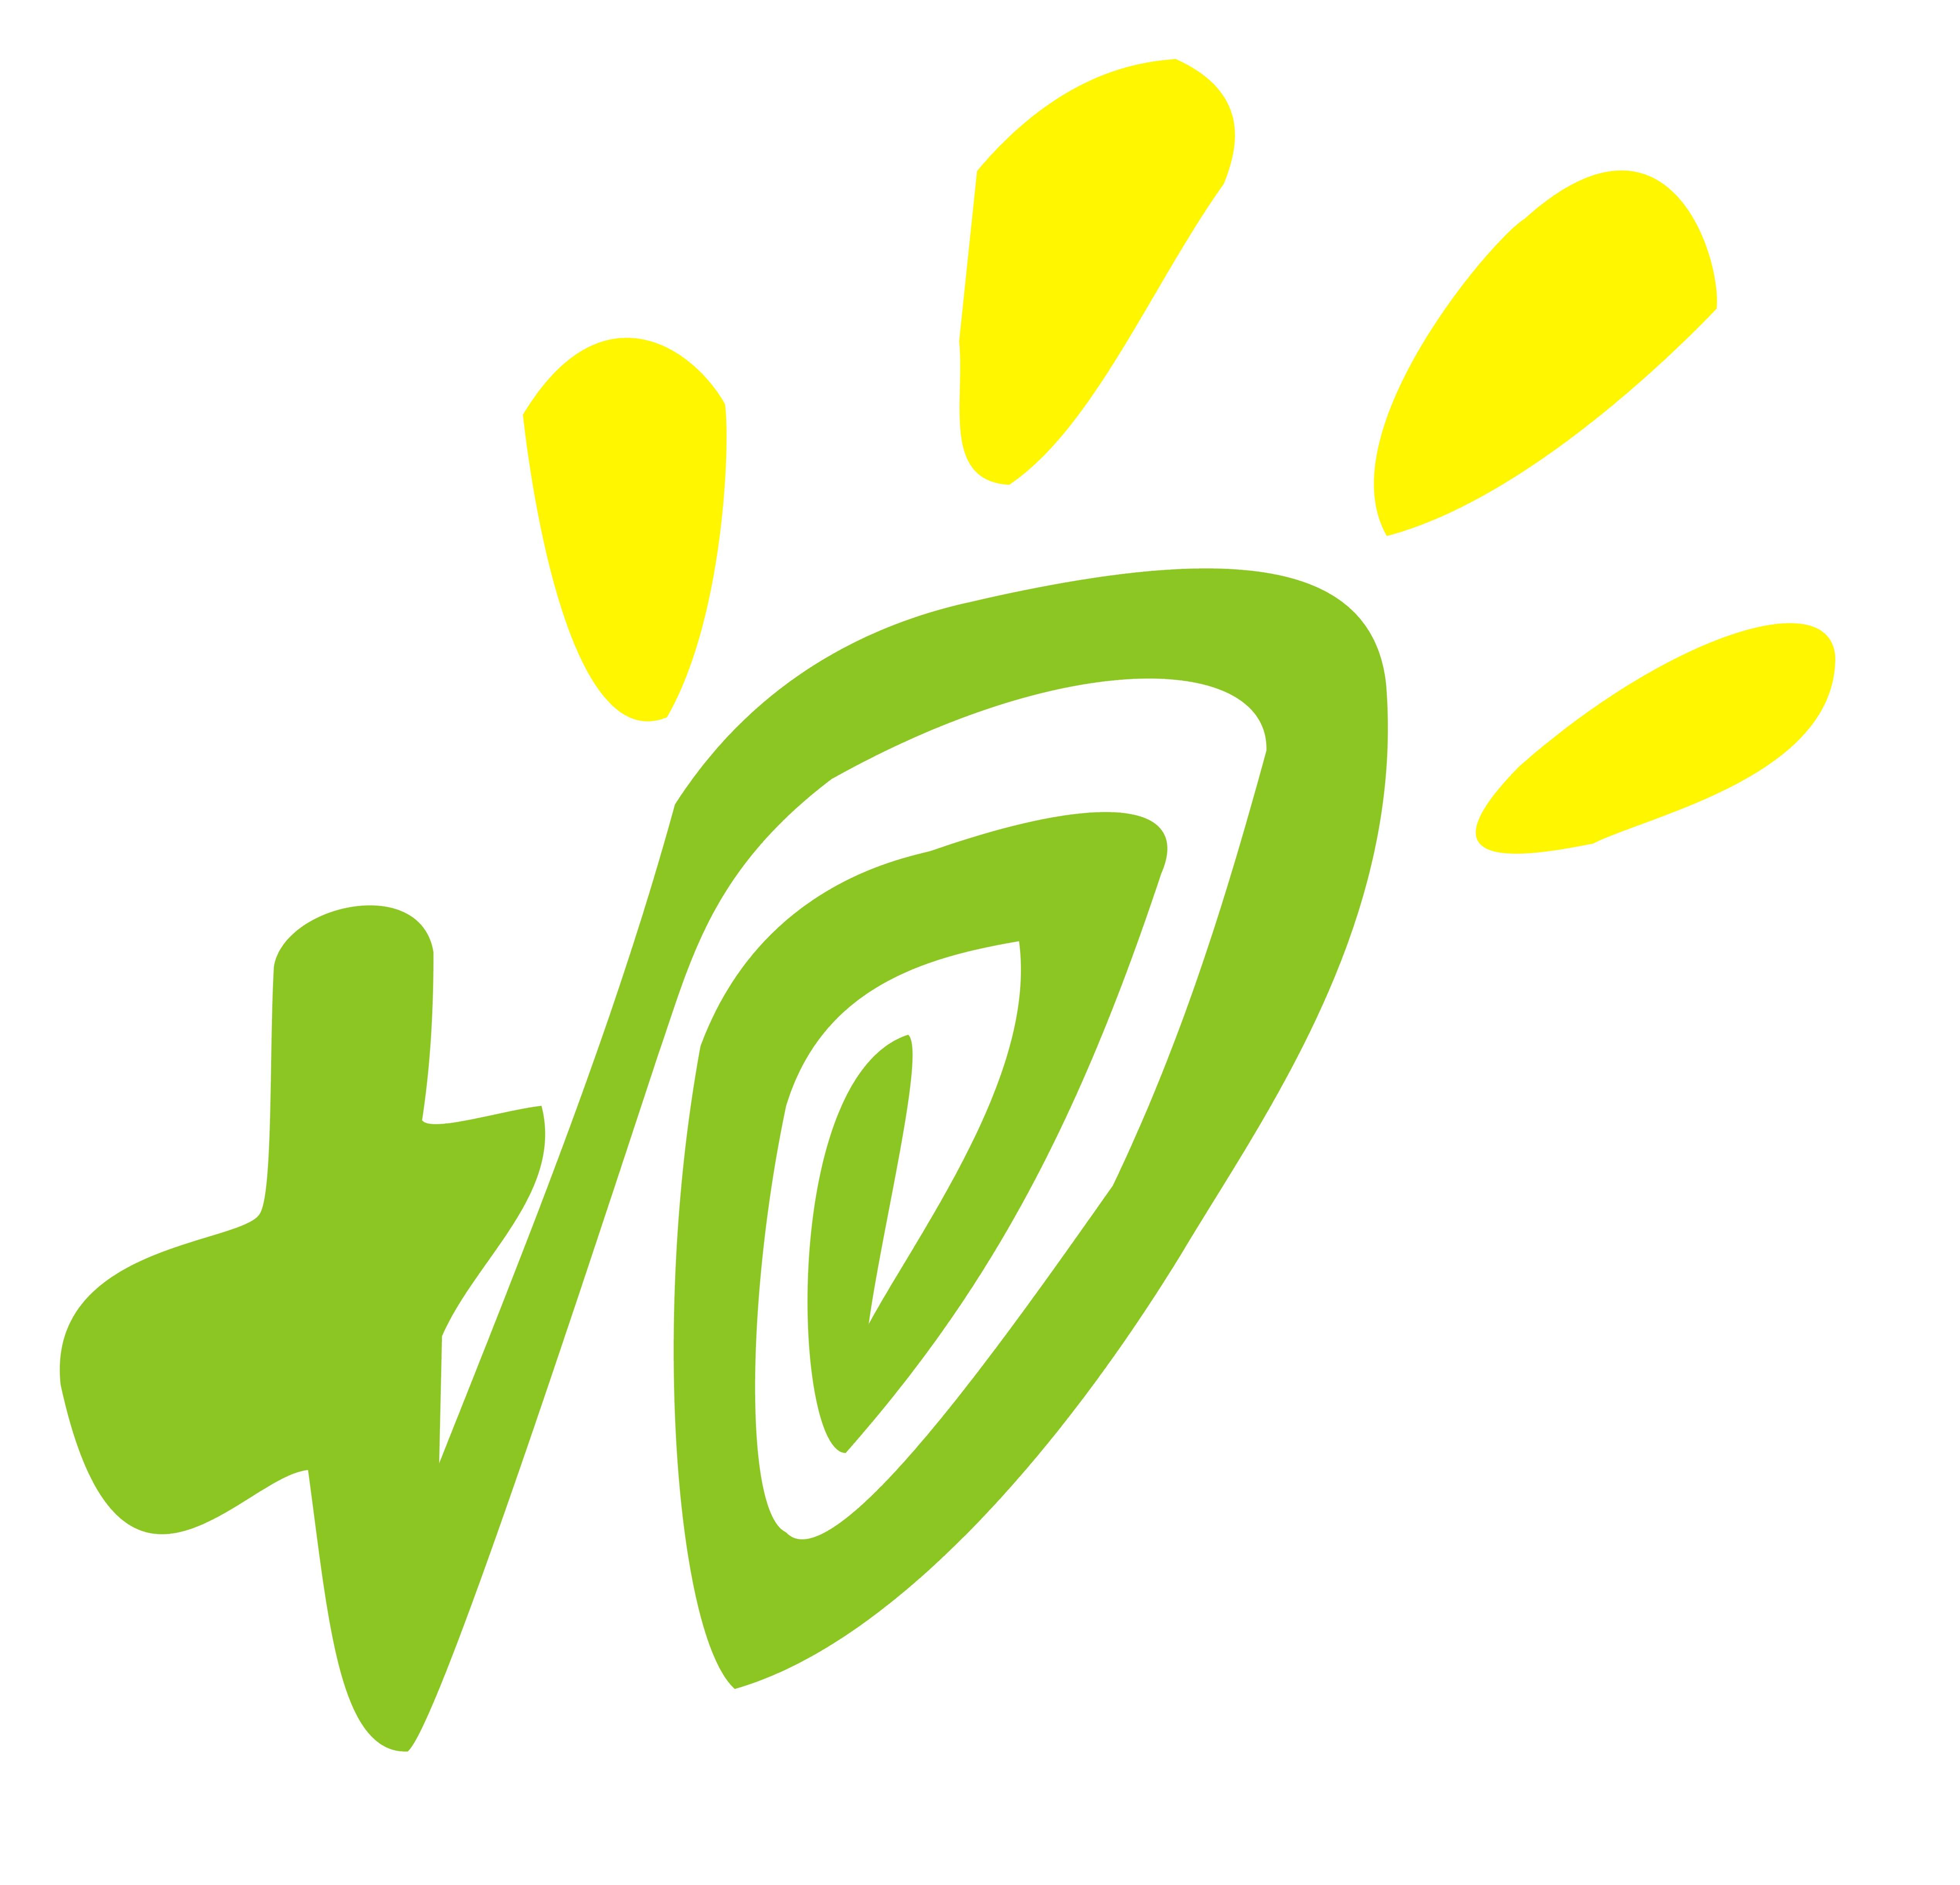 七田阳光logo矢量图